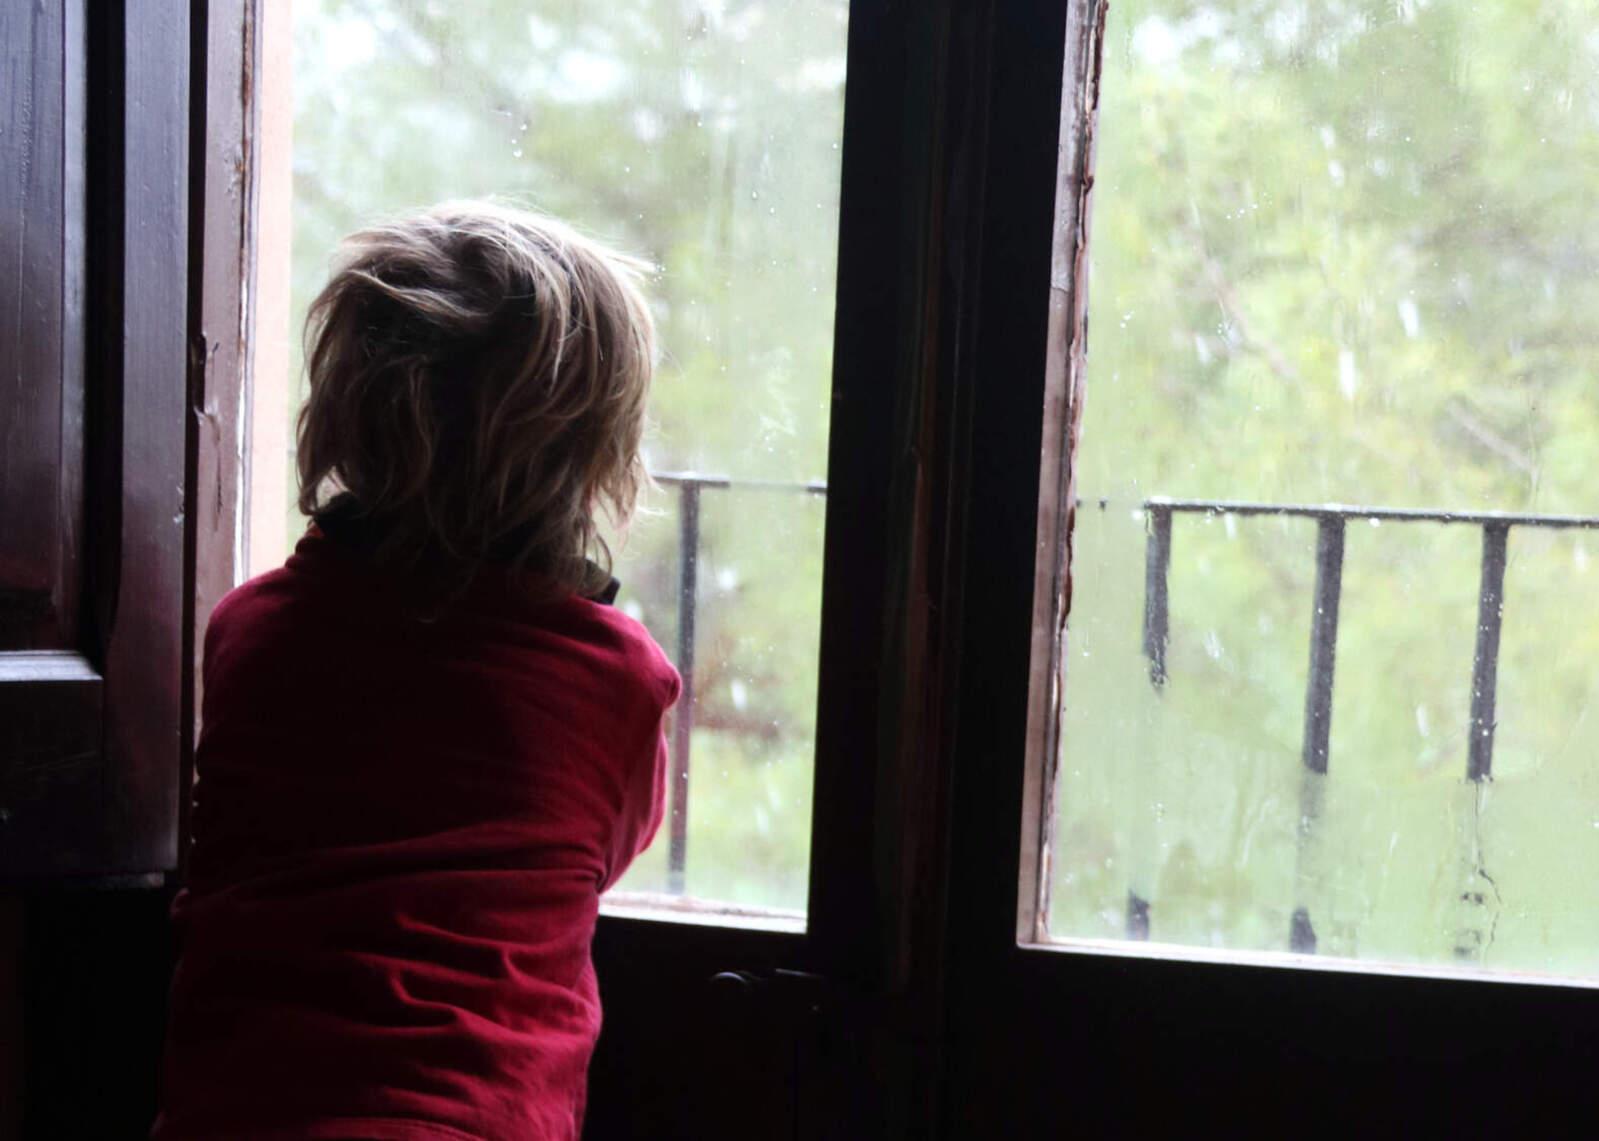 Un nen observa les volves de neu des de la finestra de casa